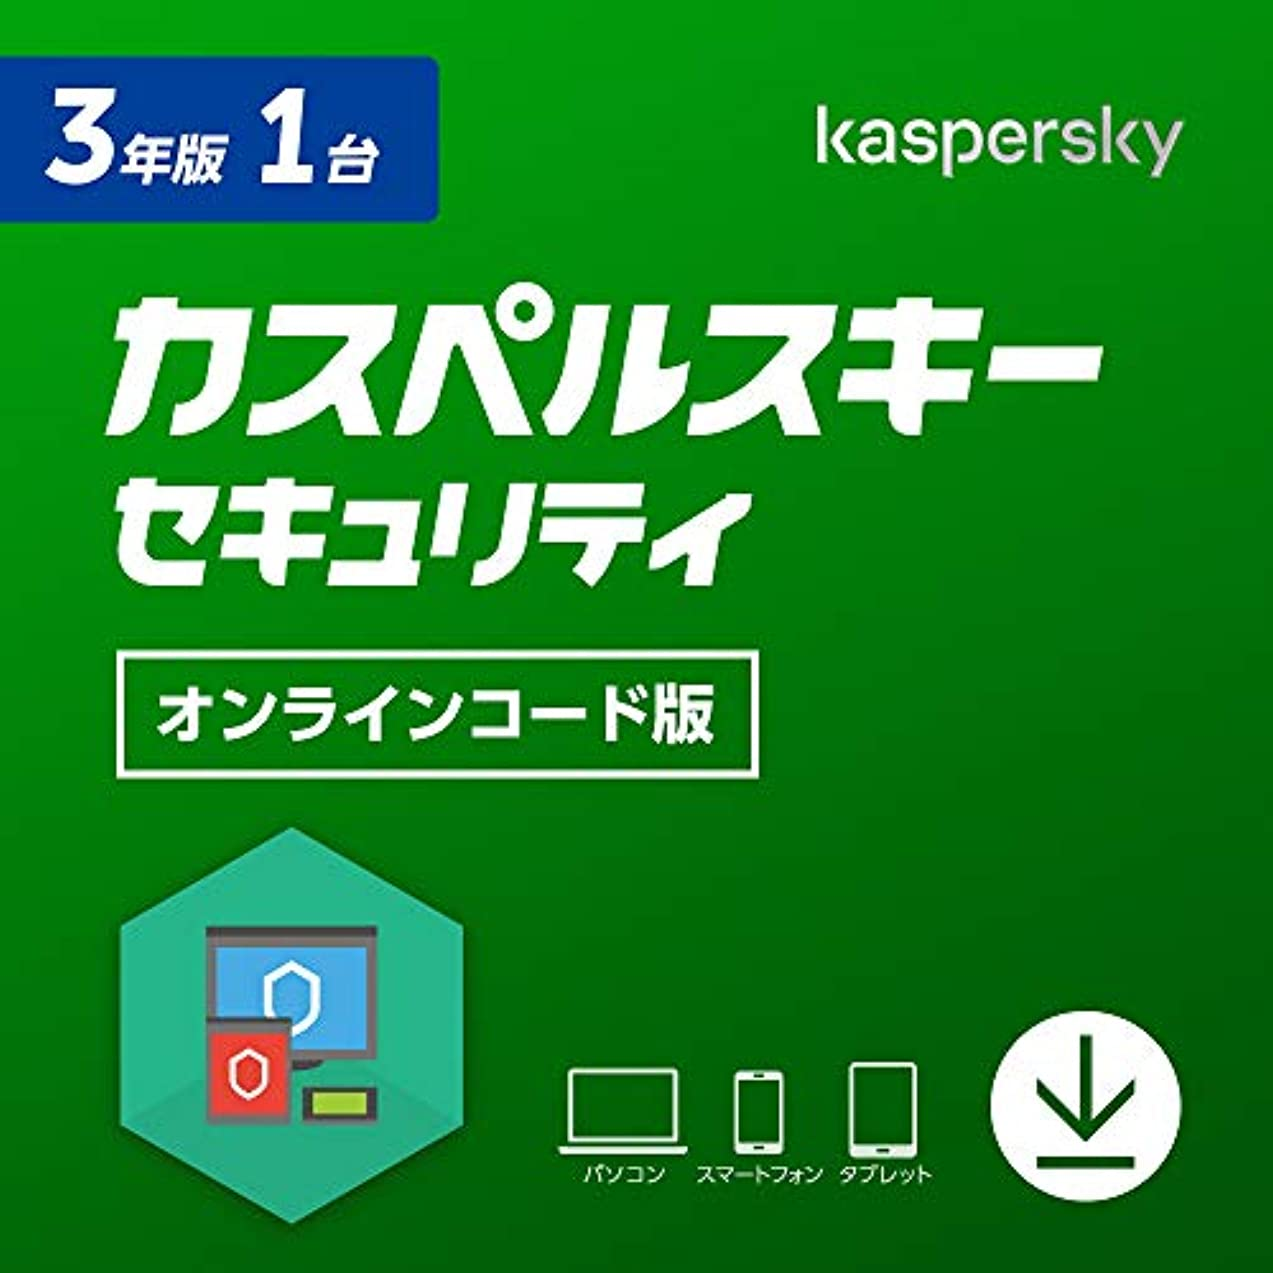 カヌー周波数最大限カスペルスキー セキュリティ (最新版) | 3年 1台版 | オンラインコード版 | Windows/Mac/Android対応